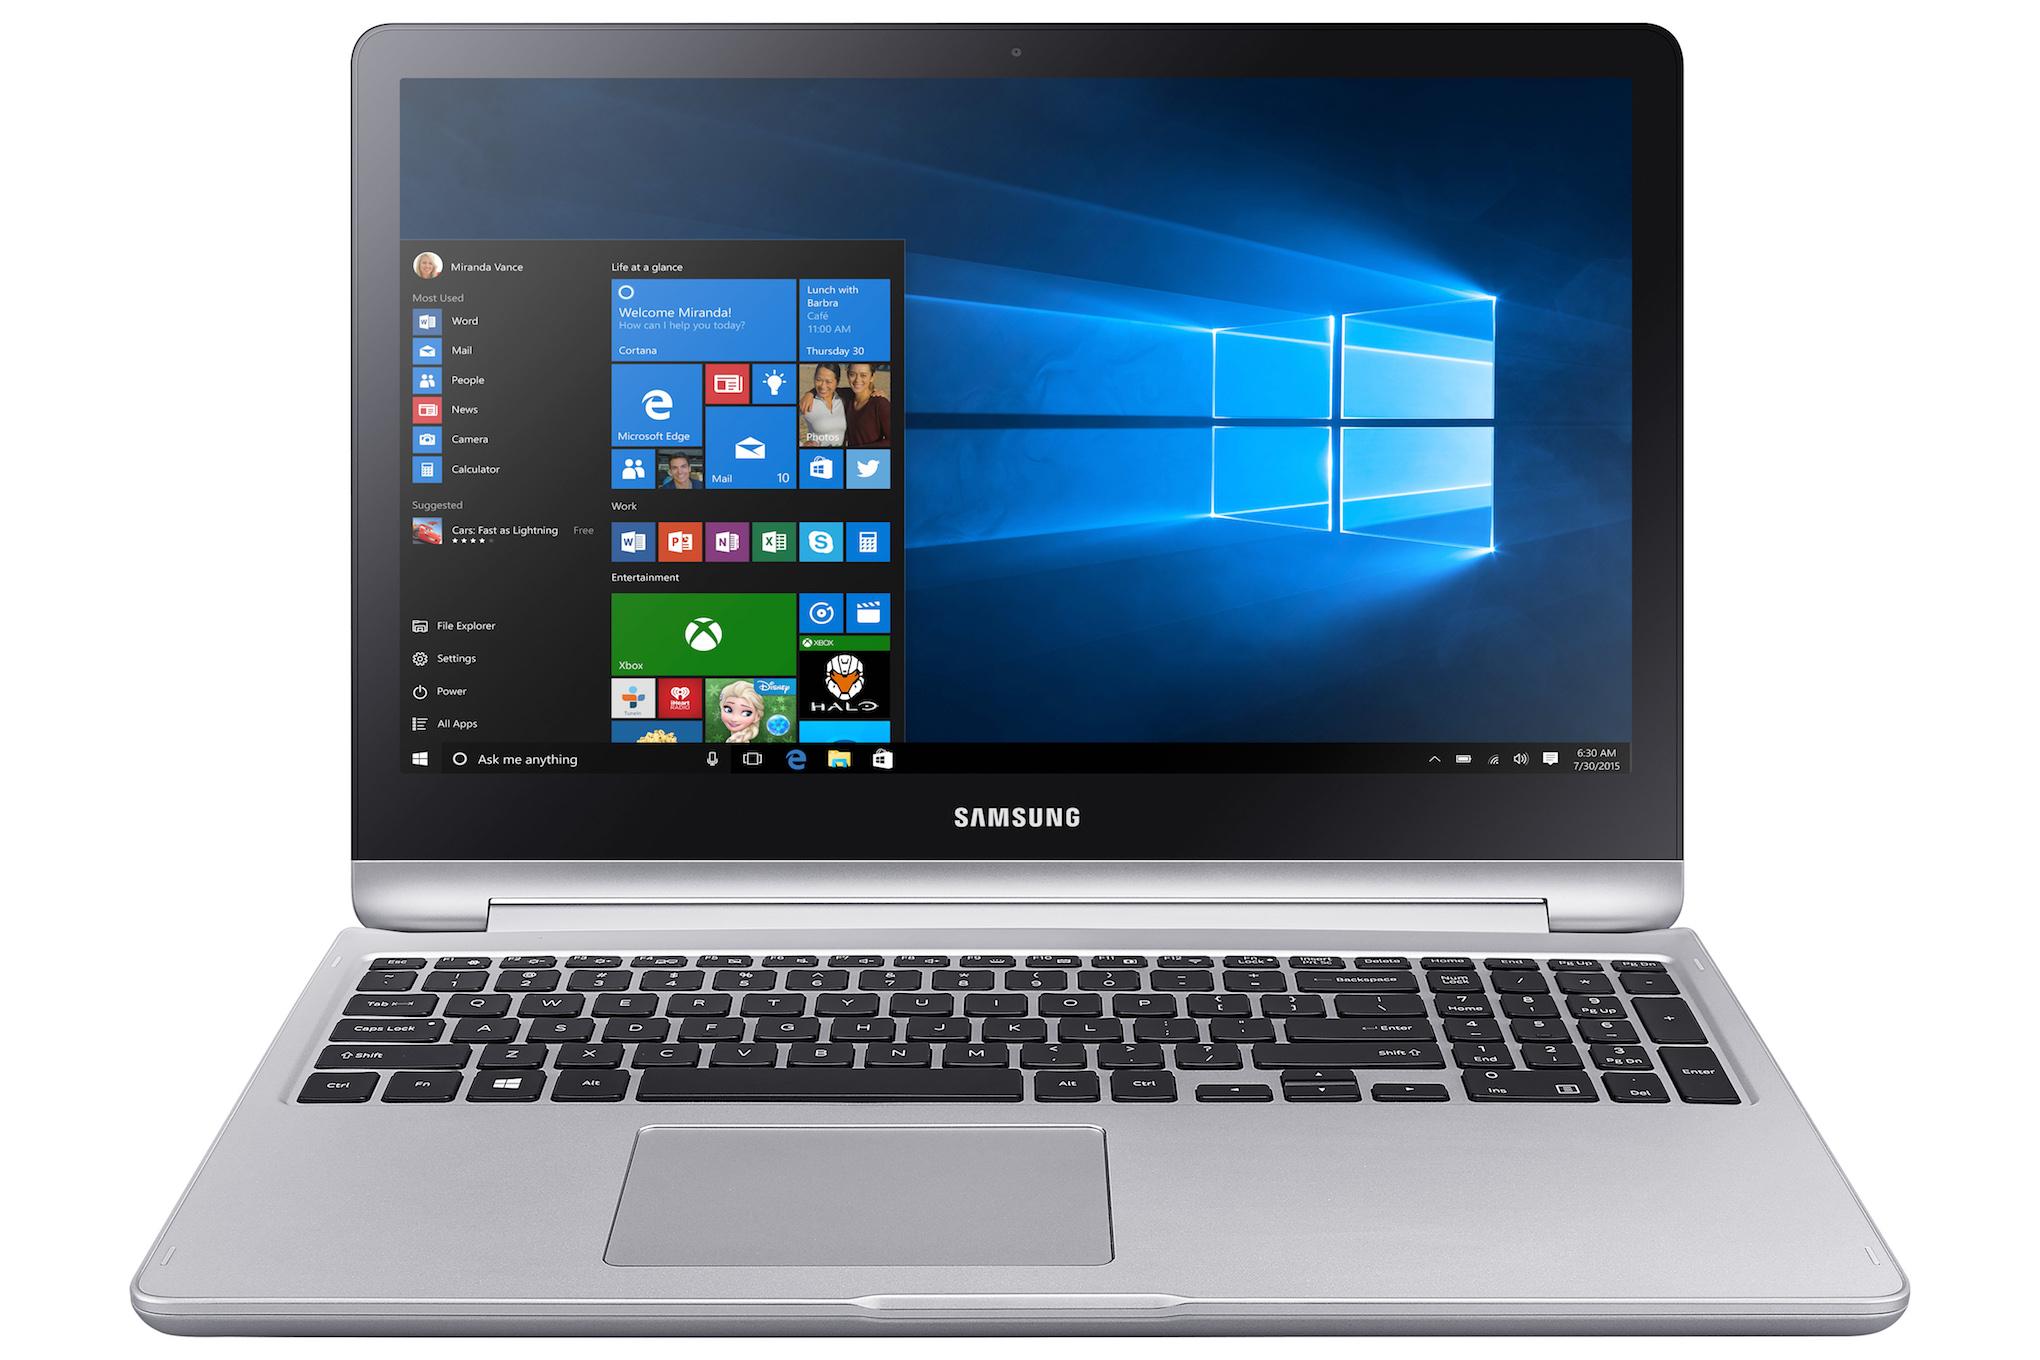 Notebook samsung 10 inch - Samsung Notebook 7 Spin